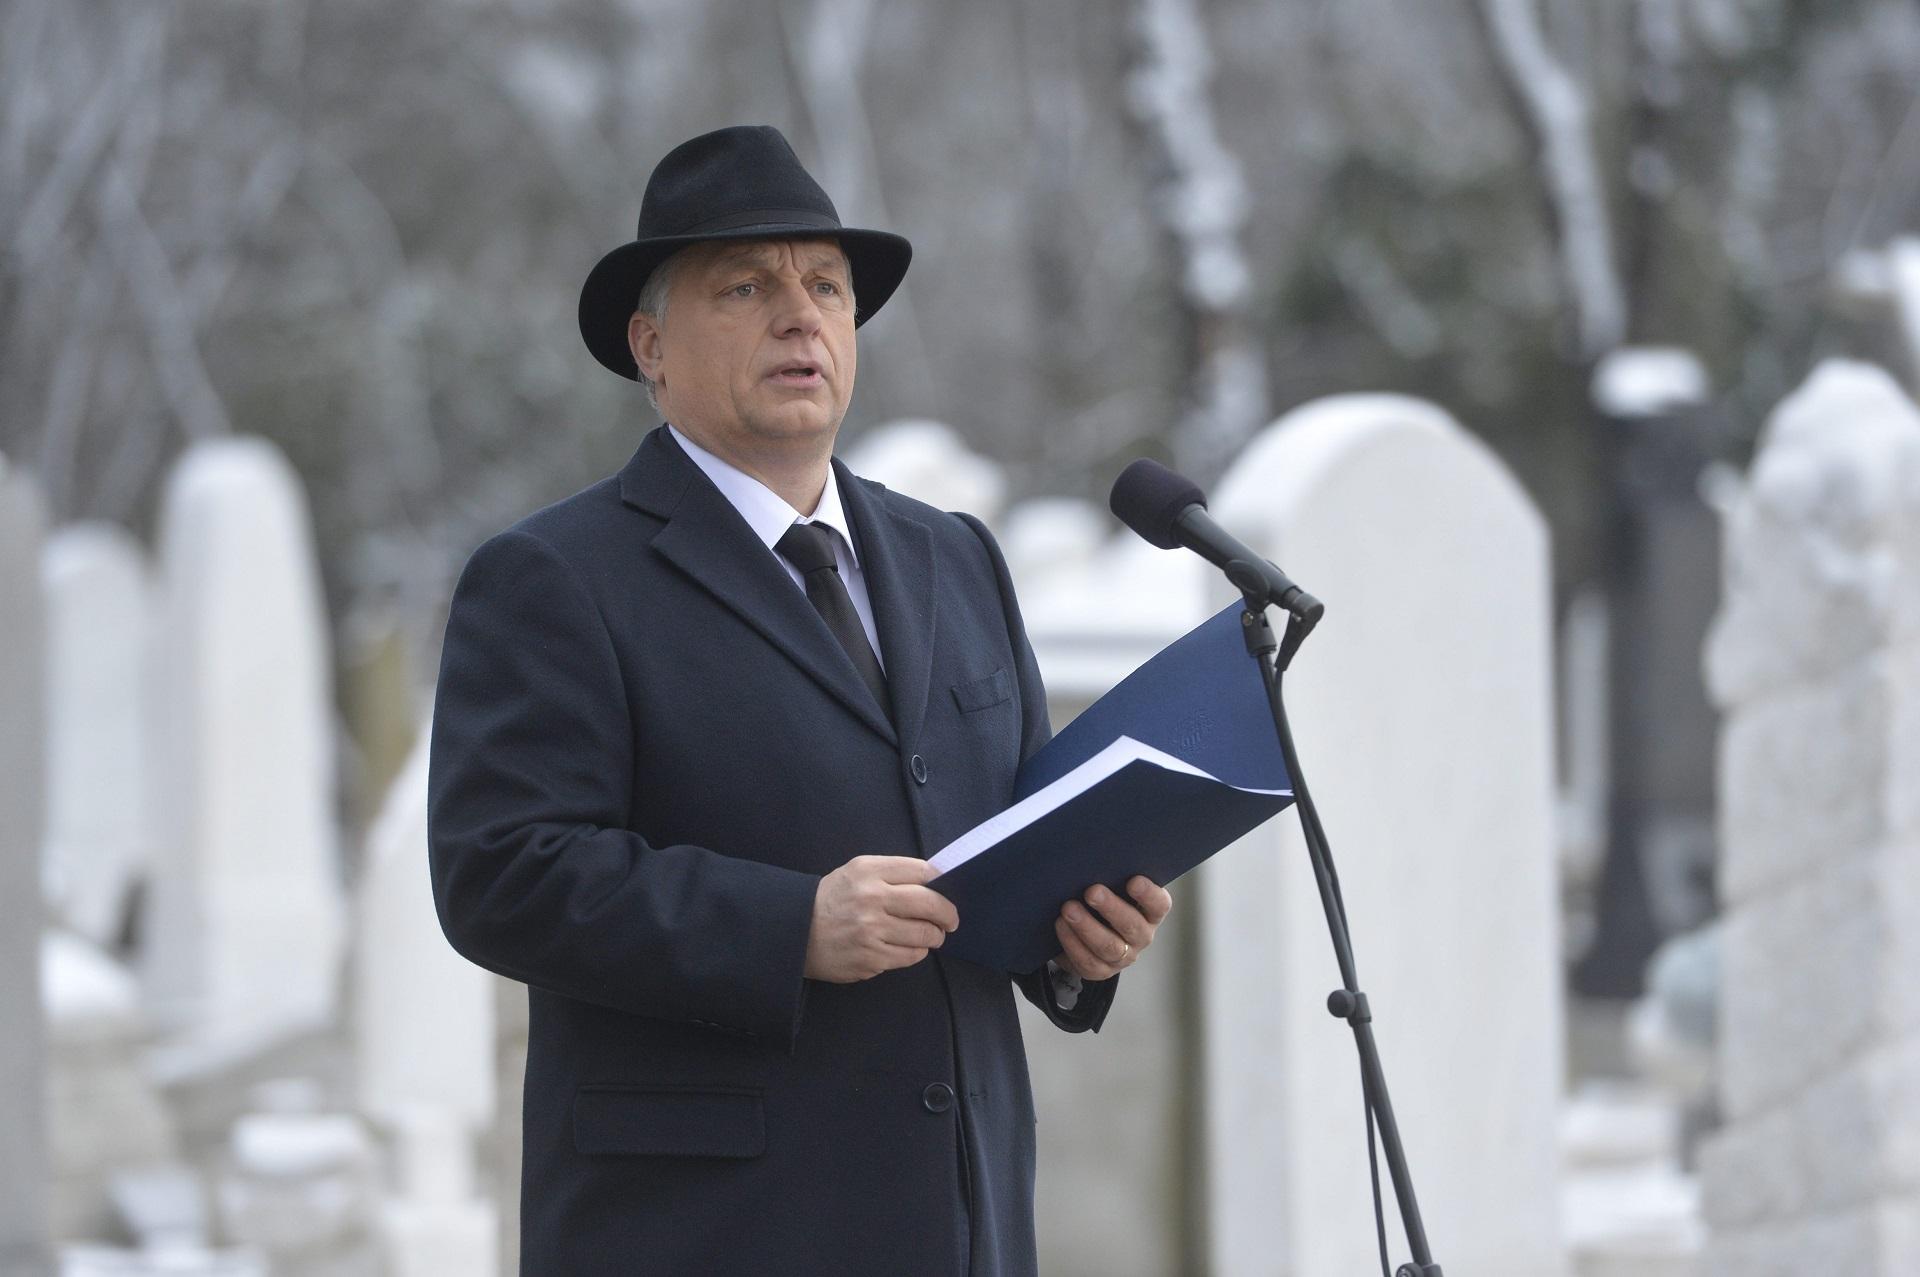 Alkotmányba írná a Fidesz, hogy az állam minden szervének védenie kell a keresztény kultúrát